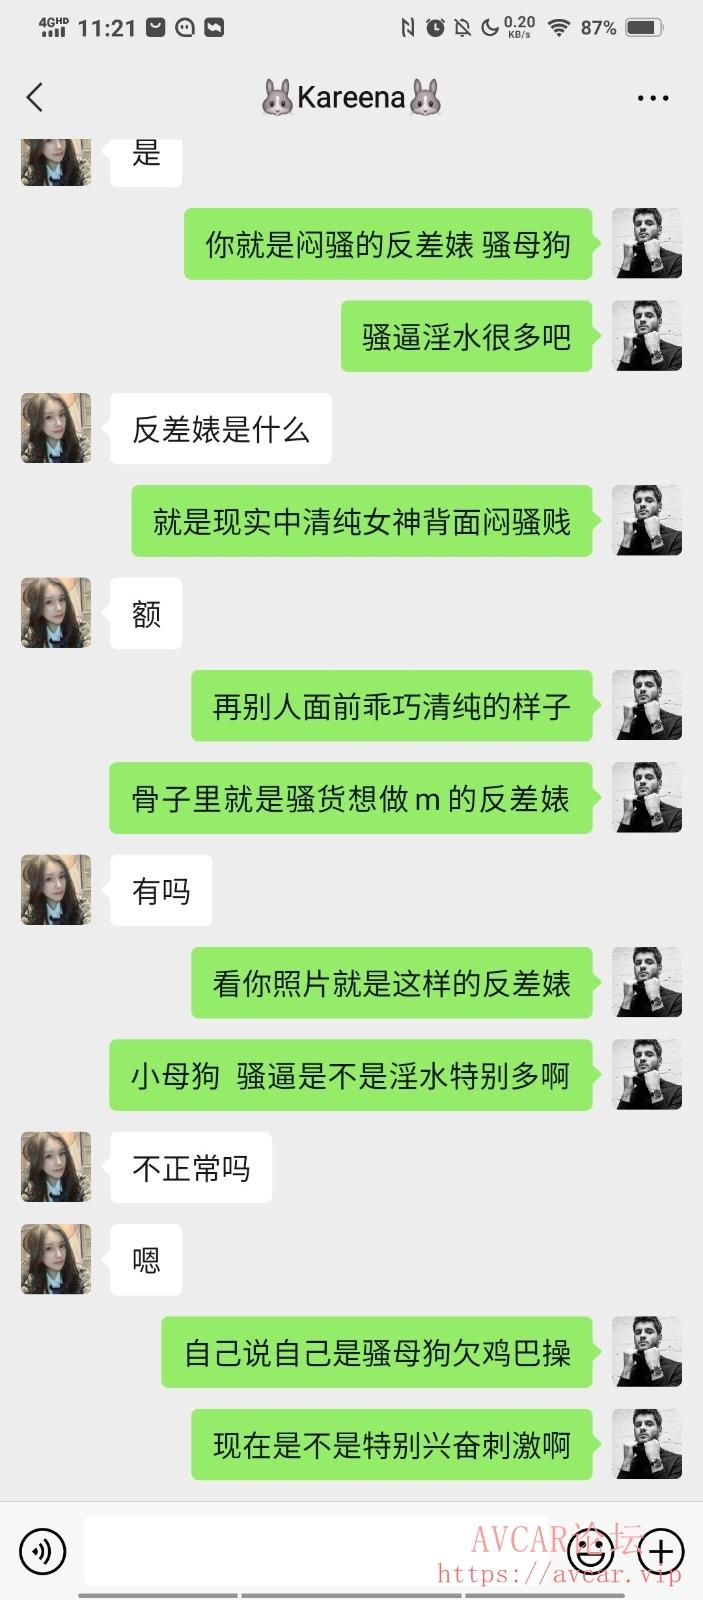 Screenshot_2021_0417_112122.jpg